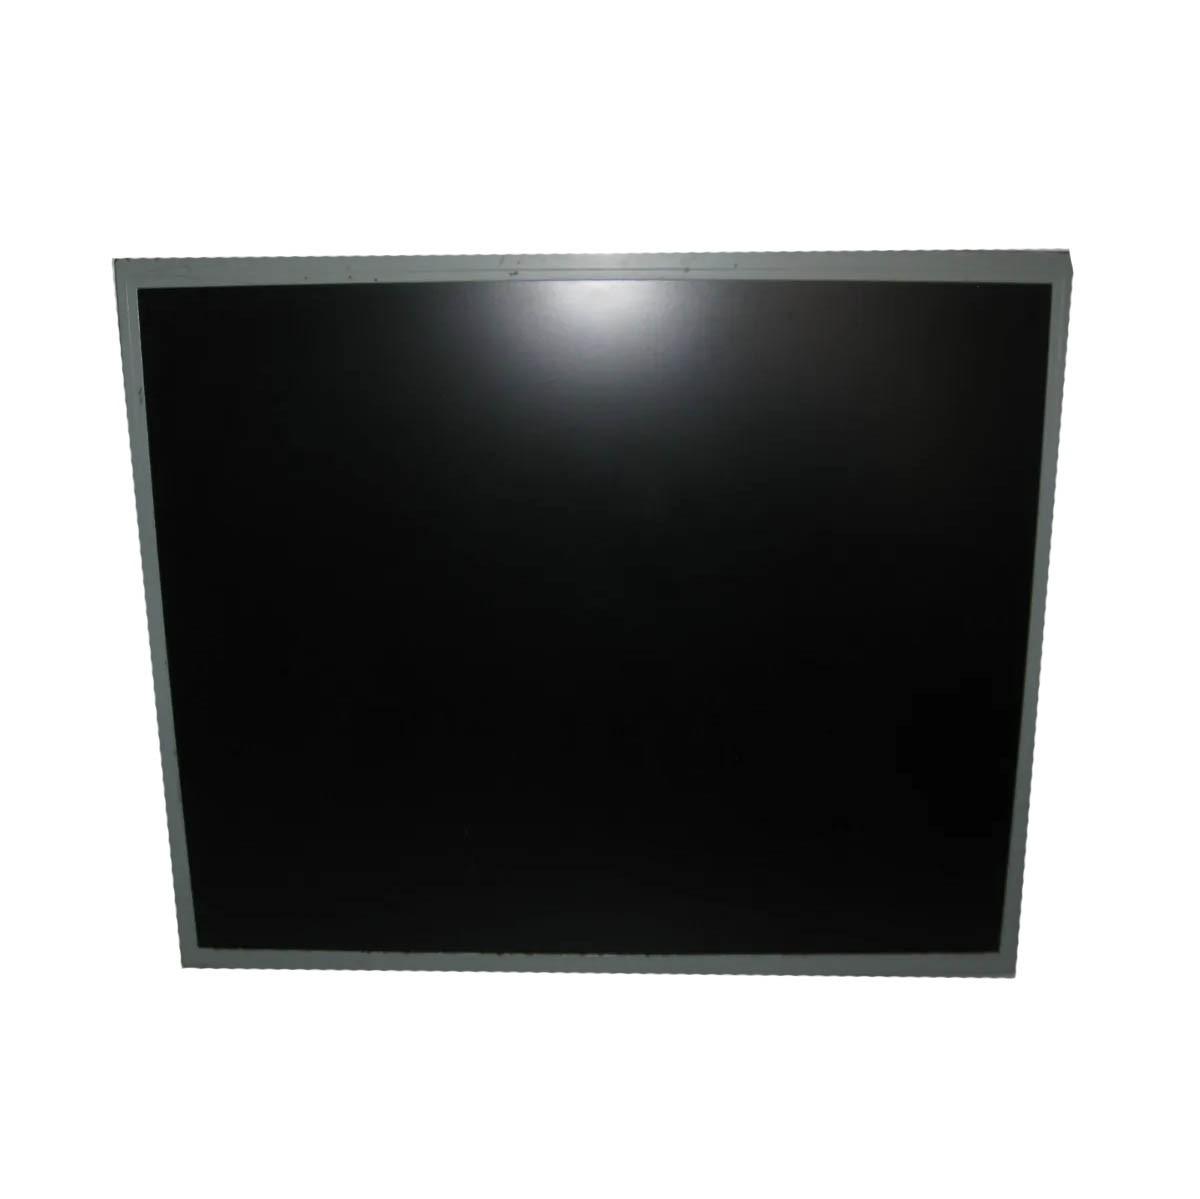 Tela Display LCD Monitor LG L1760tq PN:CLAA170EA - Retirado